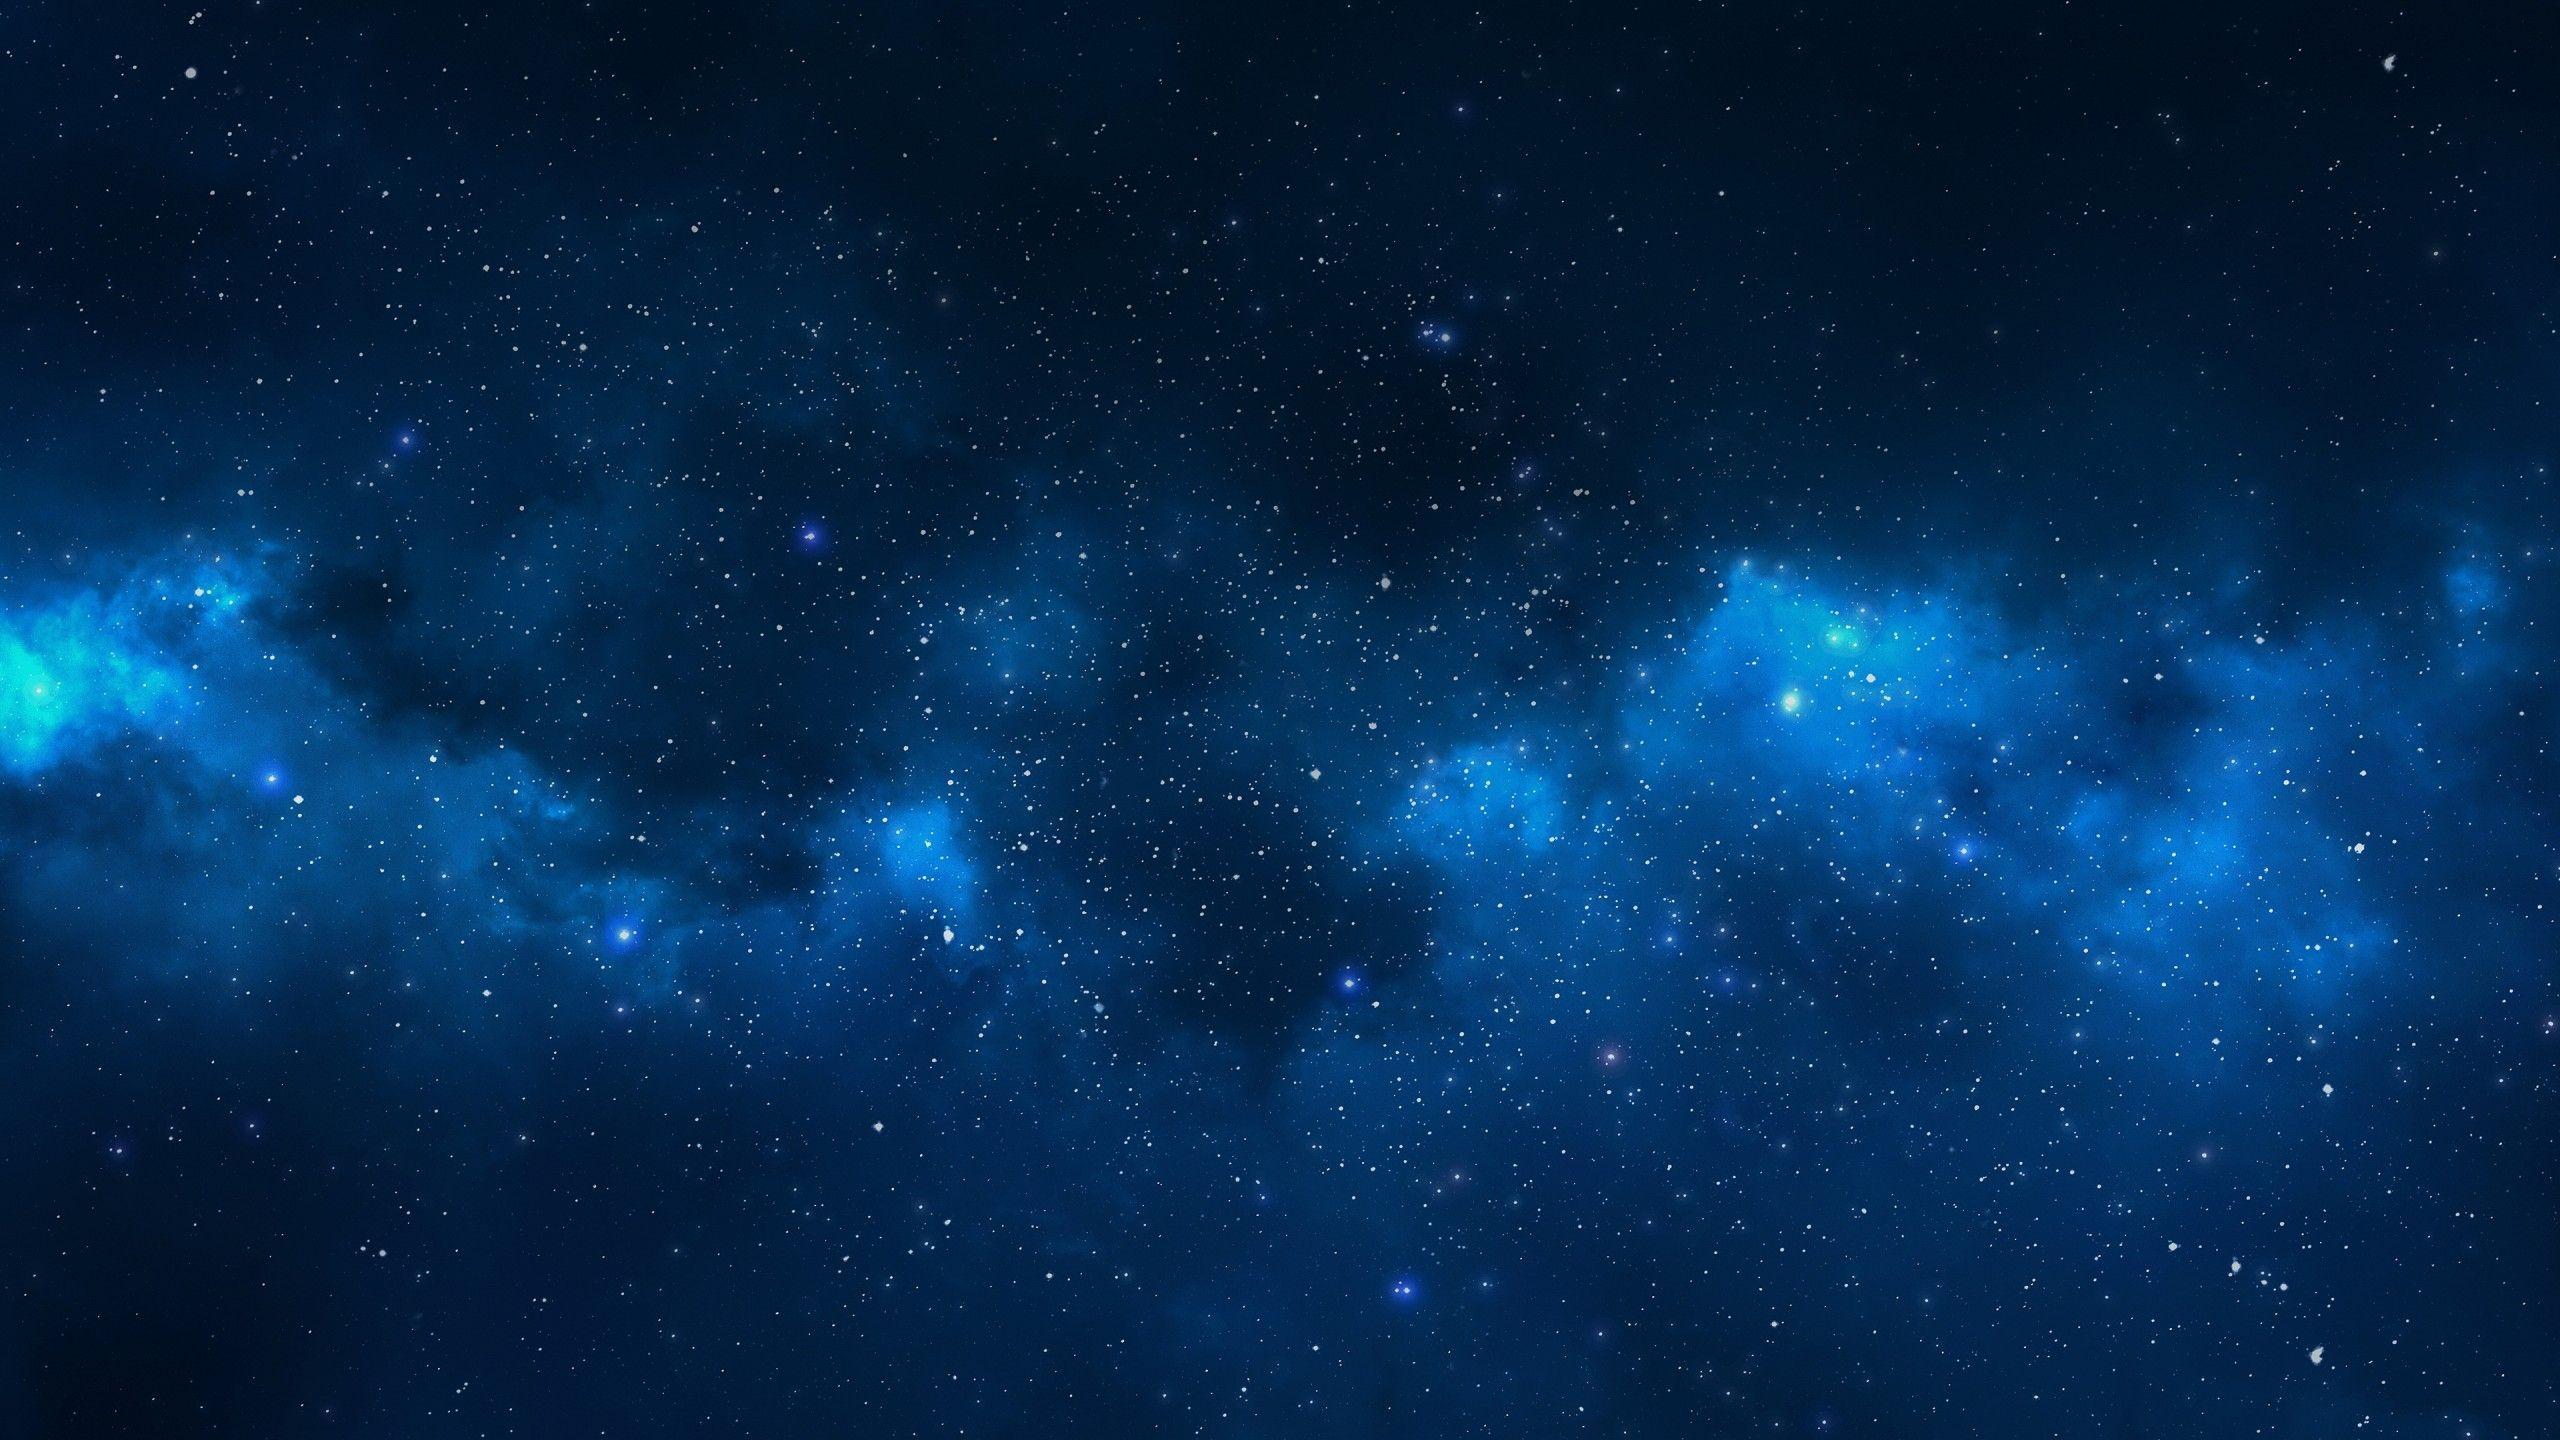 10 Latest 4k Wallpaper Galaxy Full Hd 1920 1080 For Pc Background Galaxy Wallpaper Computer Wallpaper Hd Blue Galaxy Wallpaper